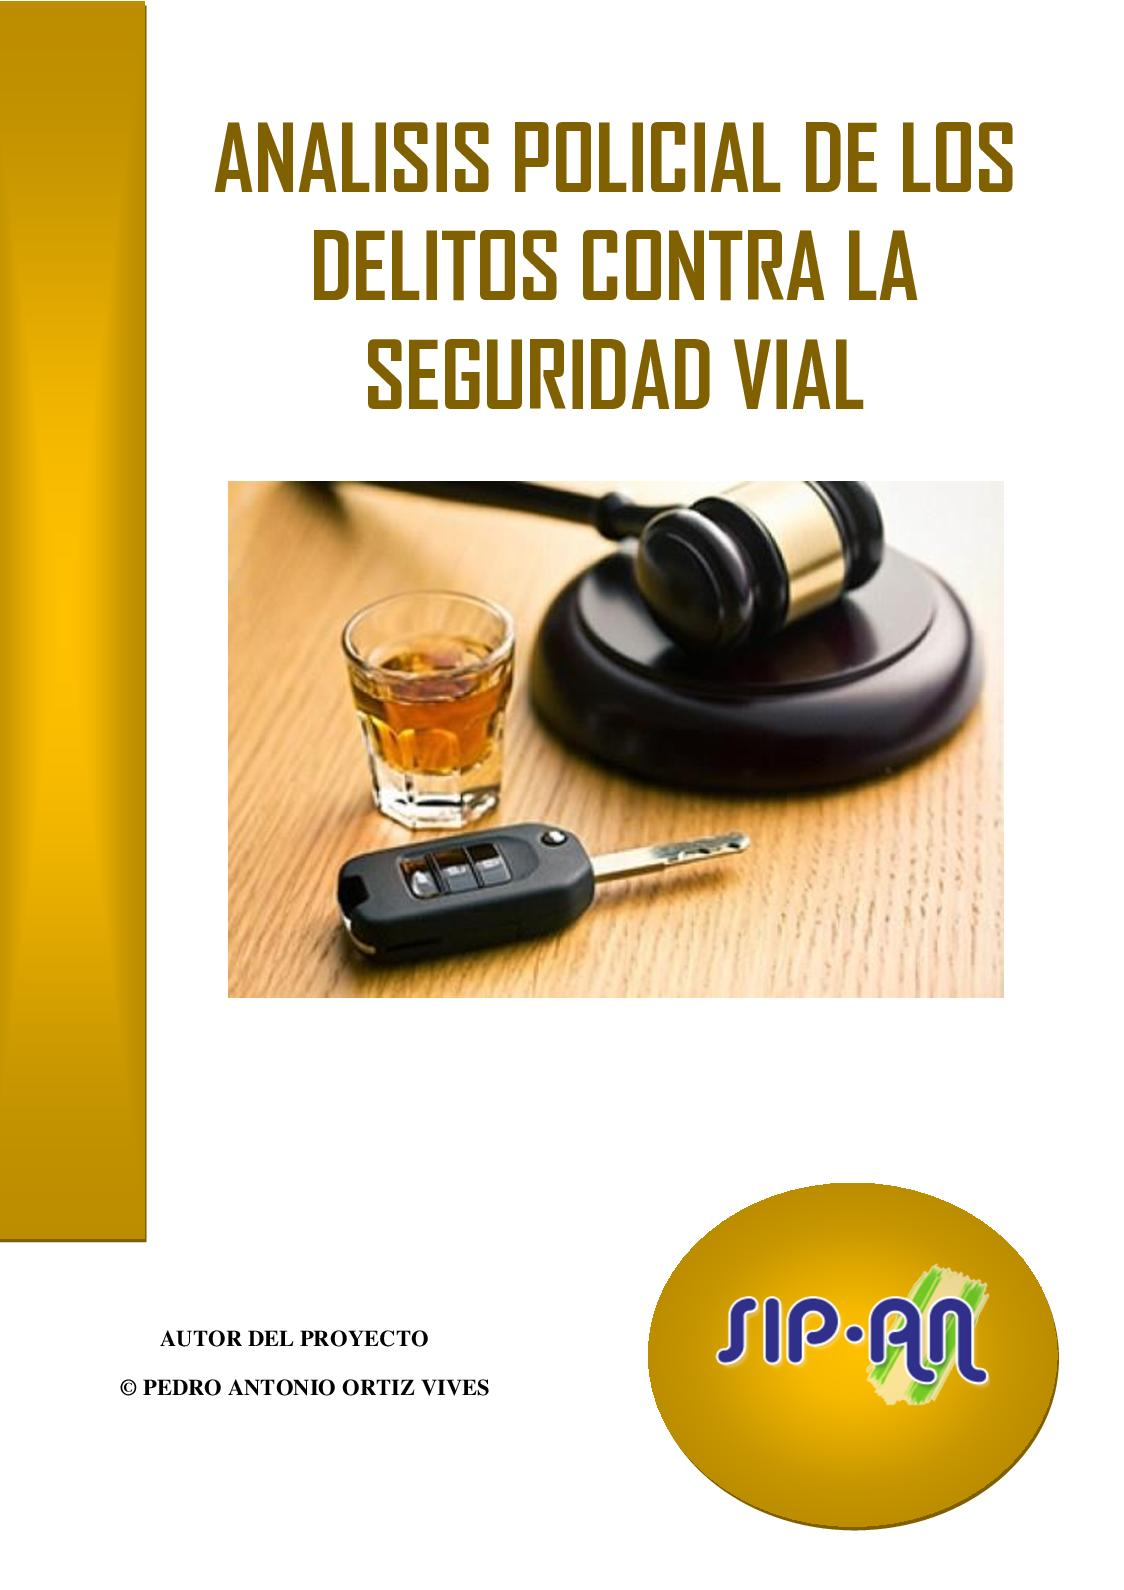 397 Analisis Policial Delitos Contra La Seguridad Vial